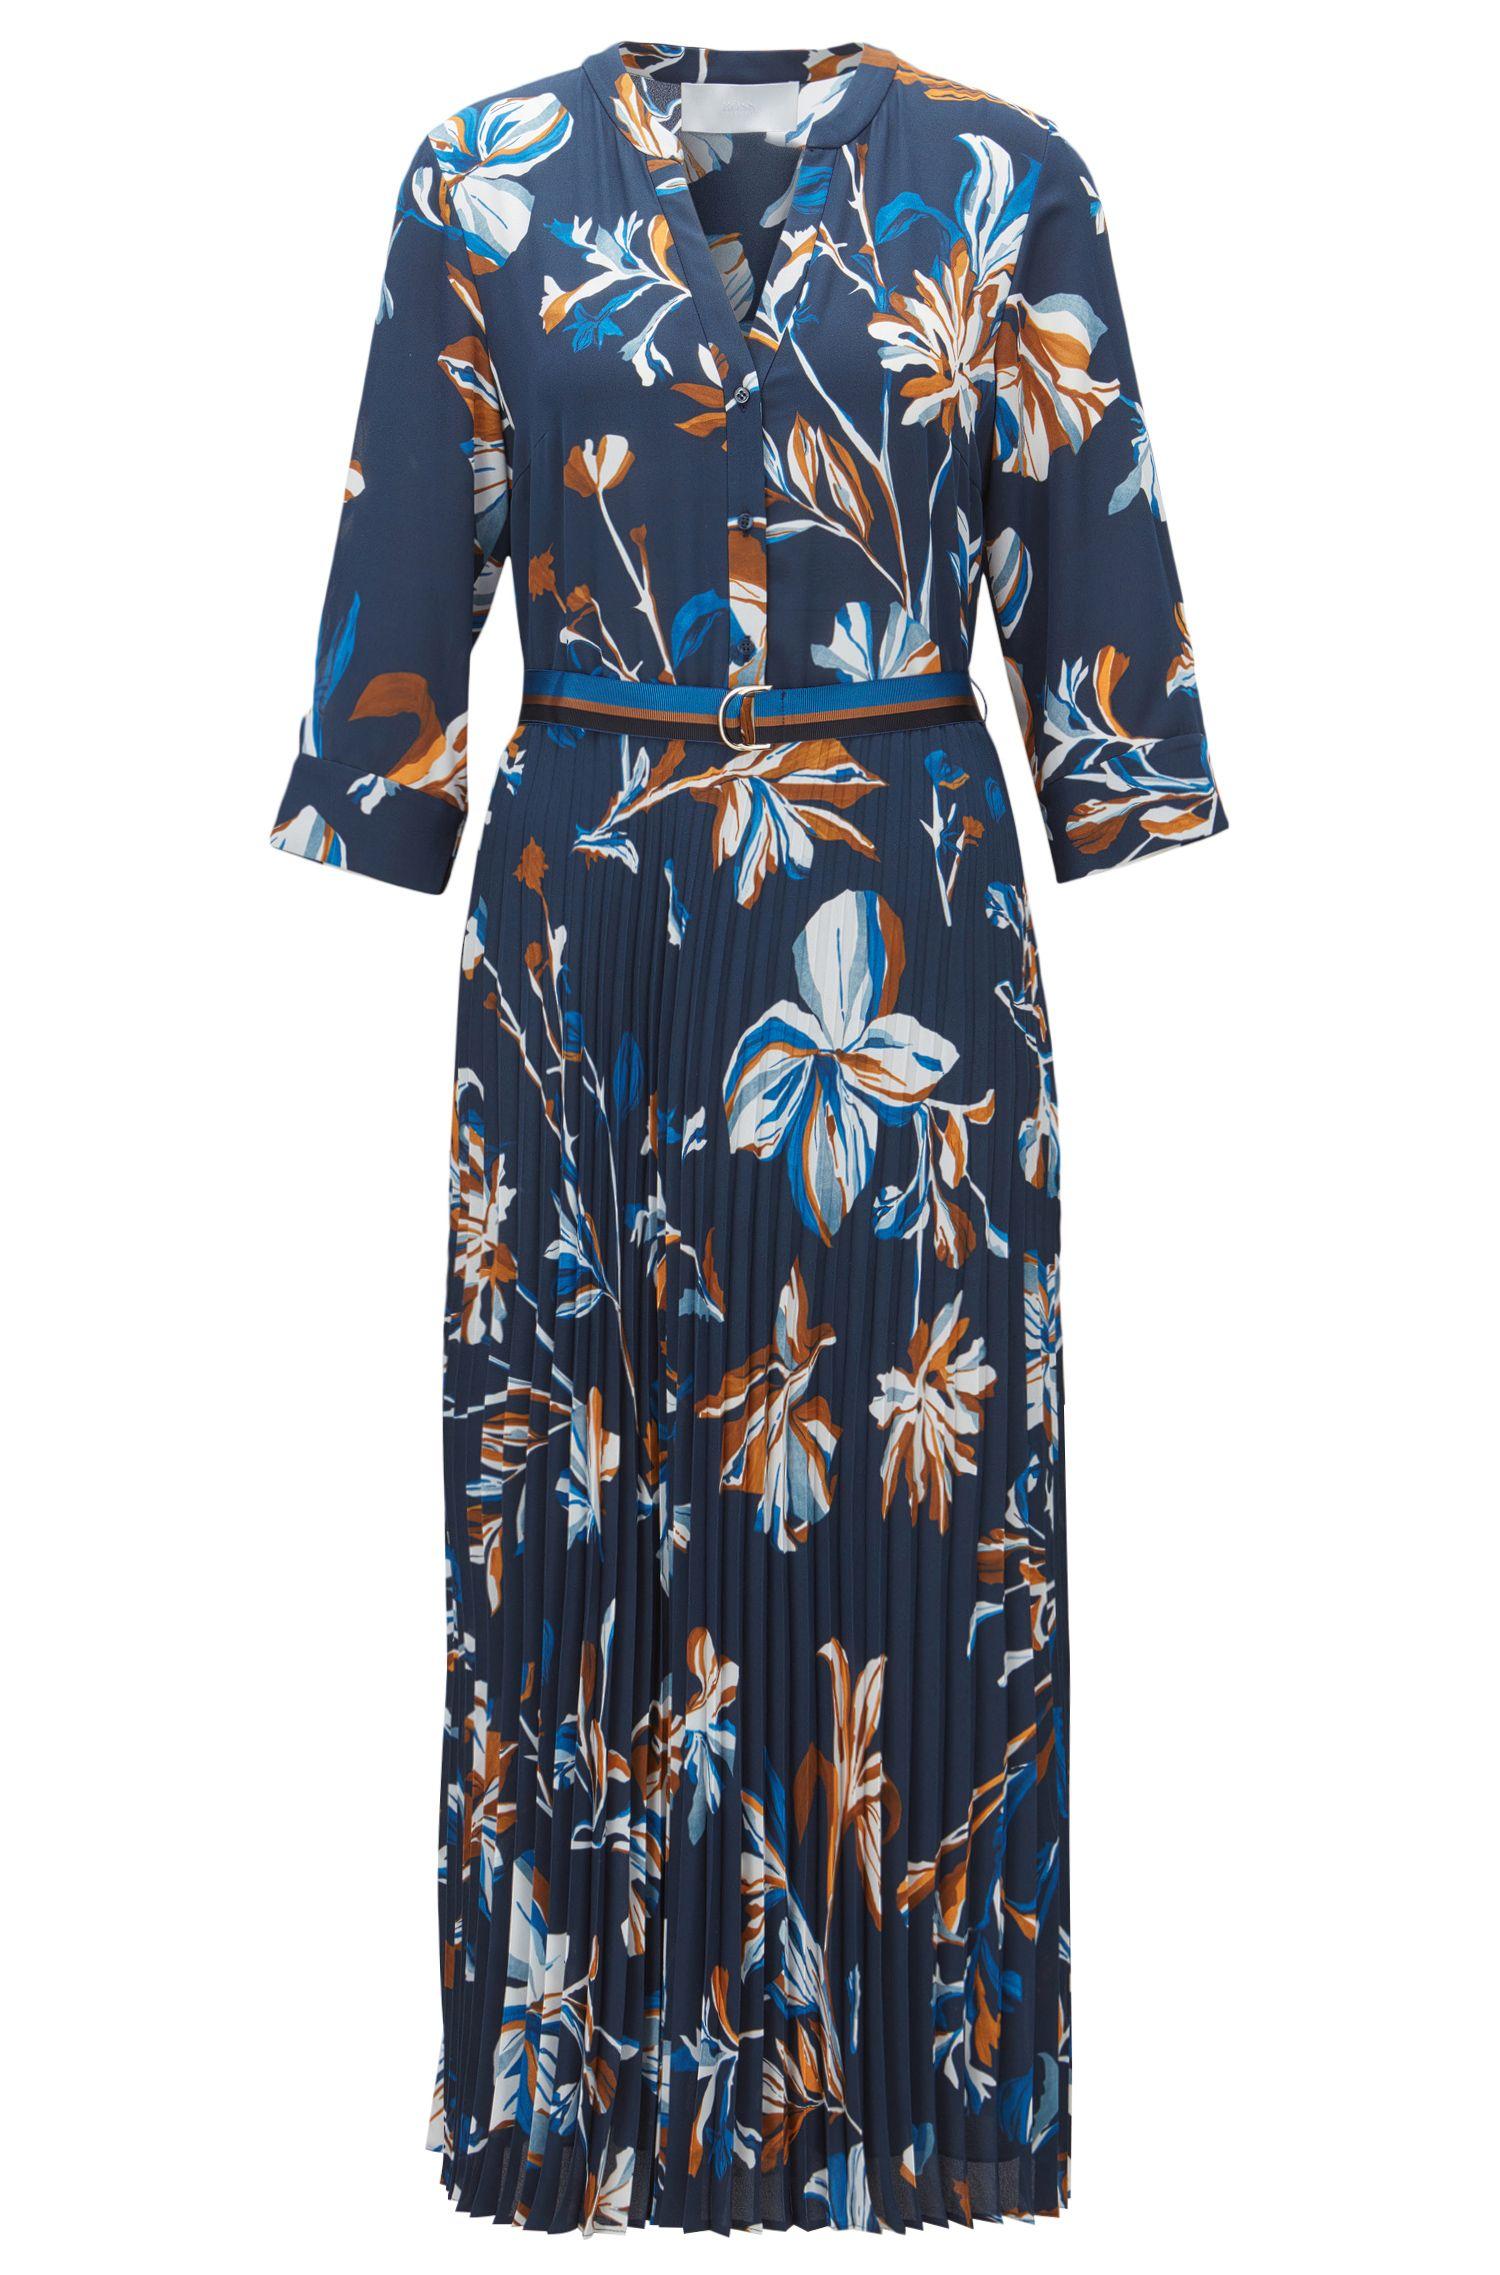 Floral Crepe Pleated Dress | Diplisa